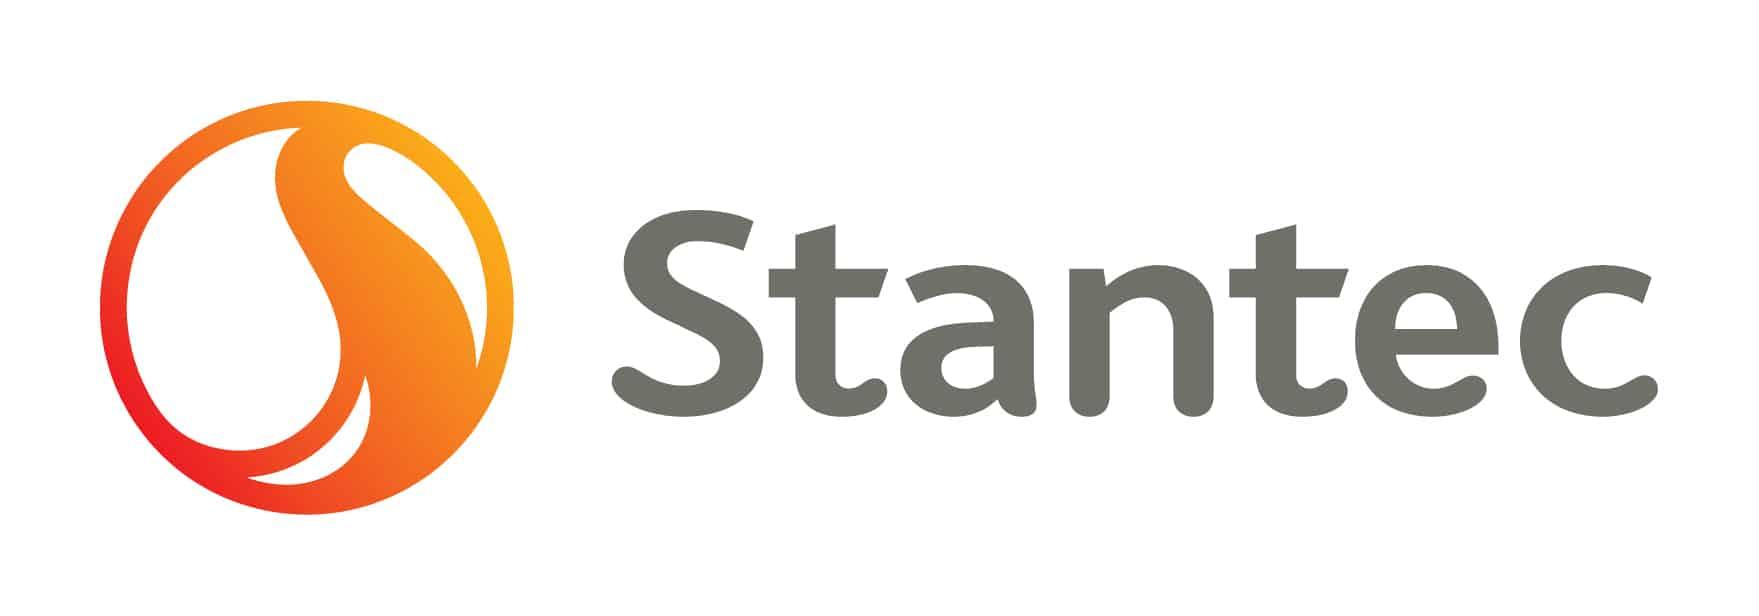 https://ccsdata.com/wp-content/uploads/2020/02/Stantec-logo-color.jpg